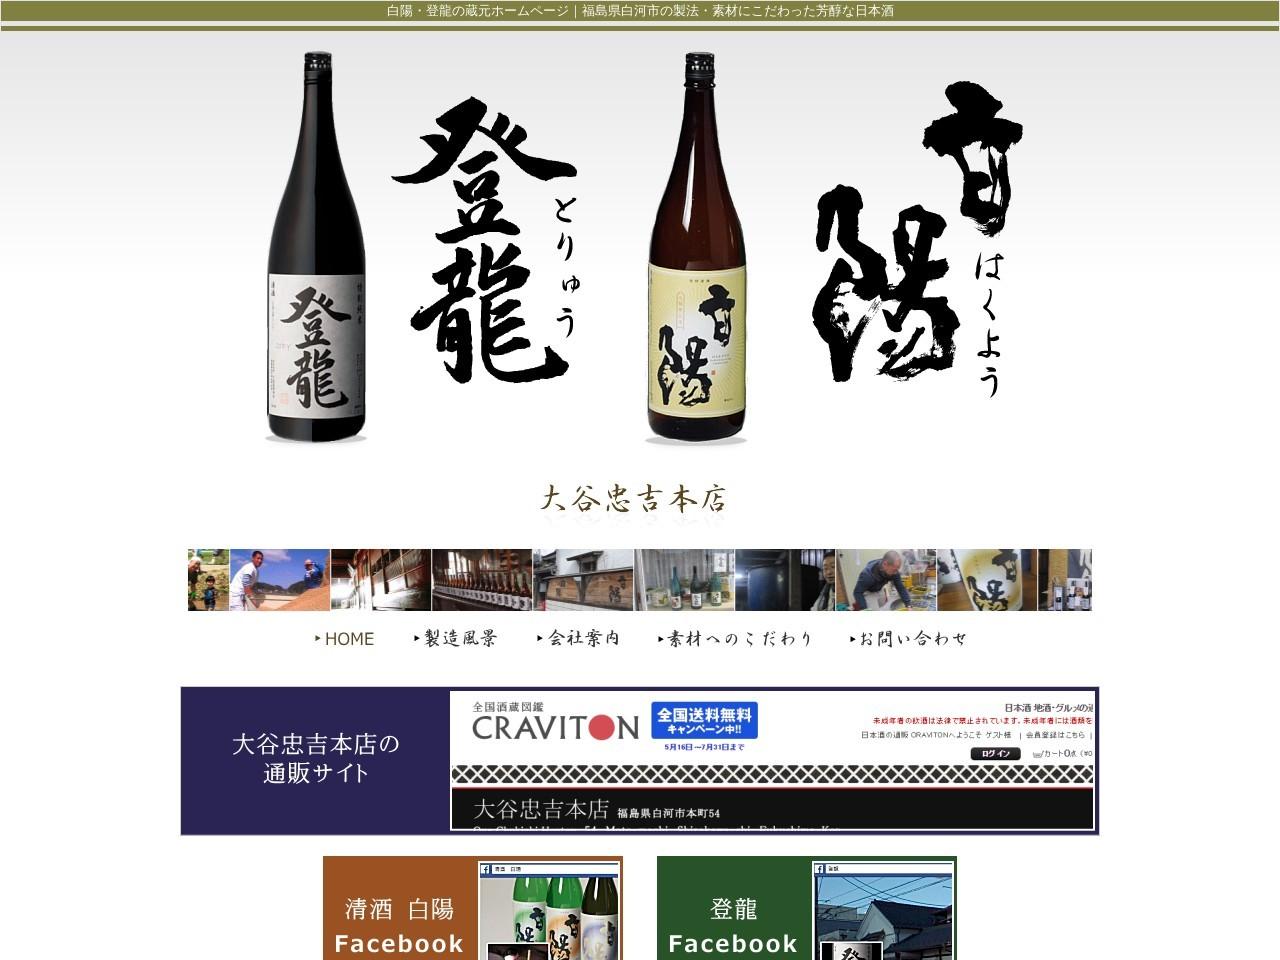 白陽・登龍の蔵元ホームページ|福島県白河市の製法・素材にこだわった芳醇な日本酒